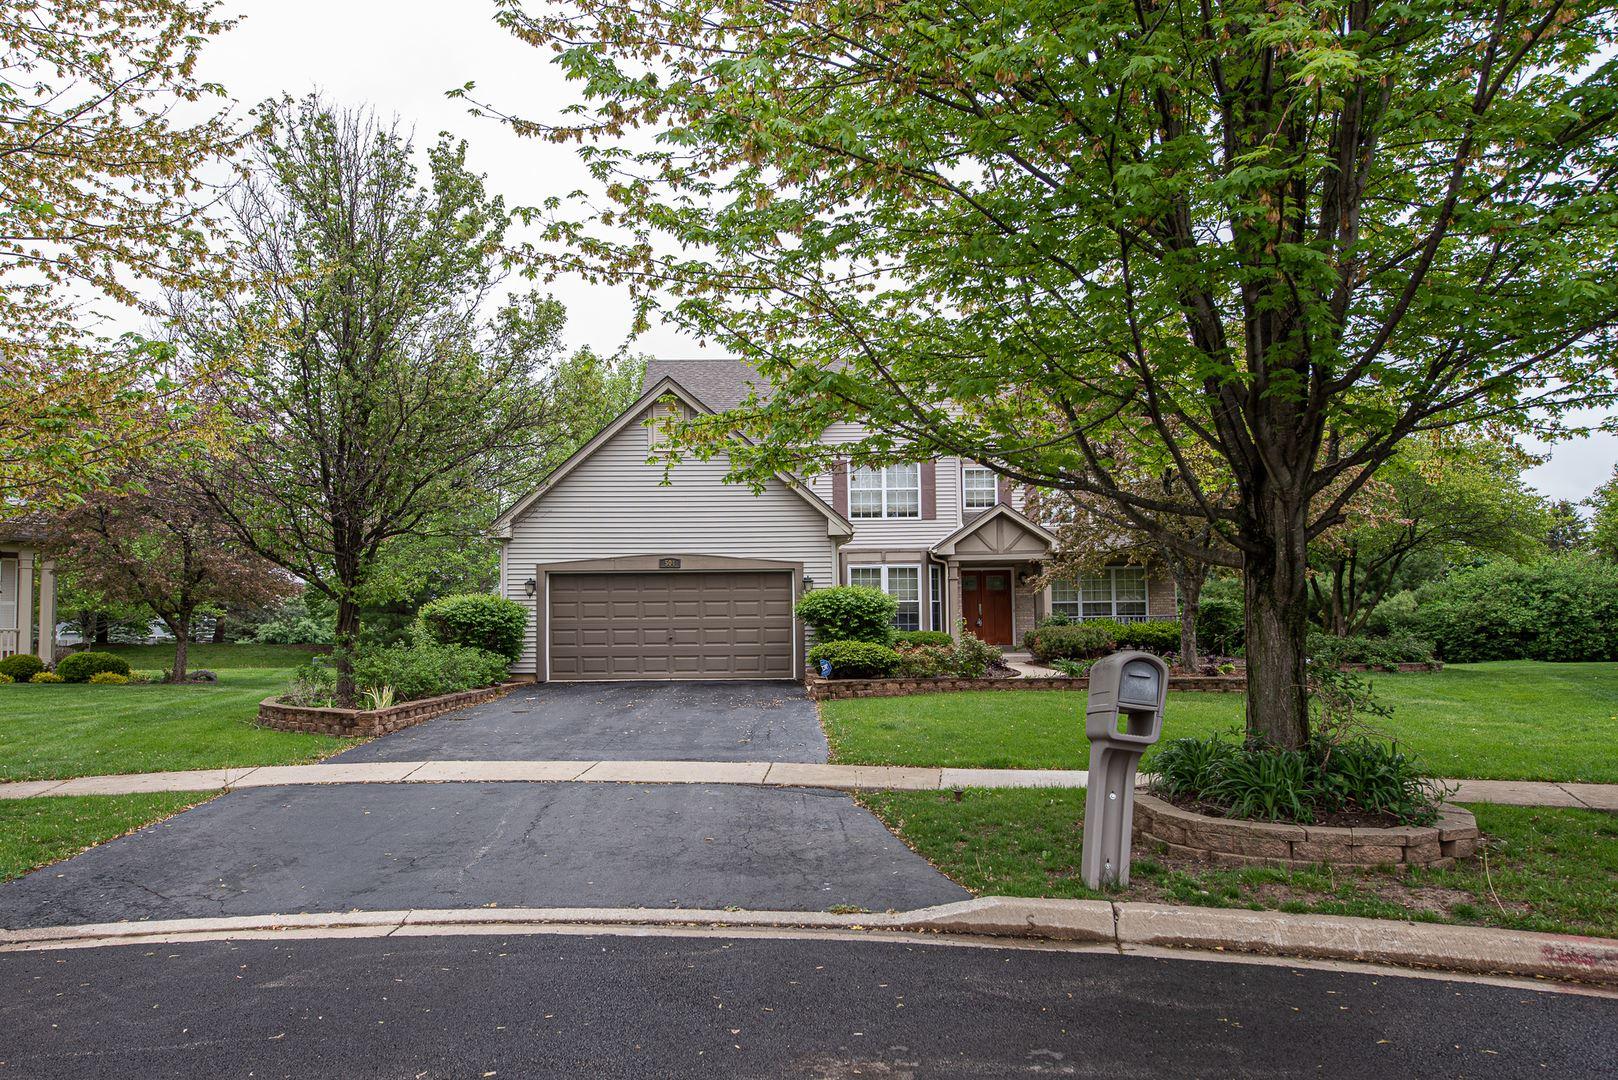 Photo of 504 Greenview Court, Oswego, IL 60543 (MLS # 11078268)